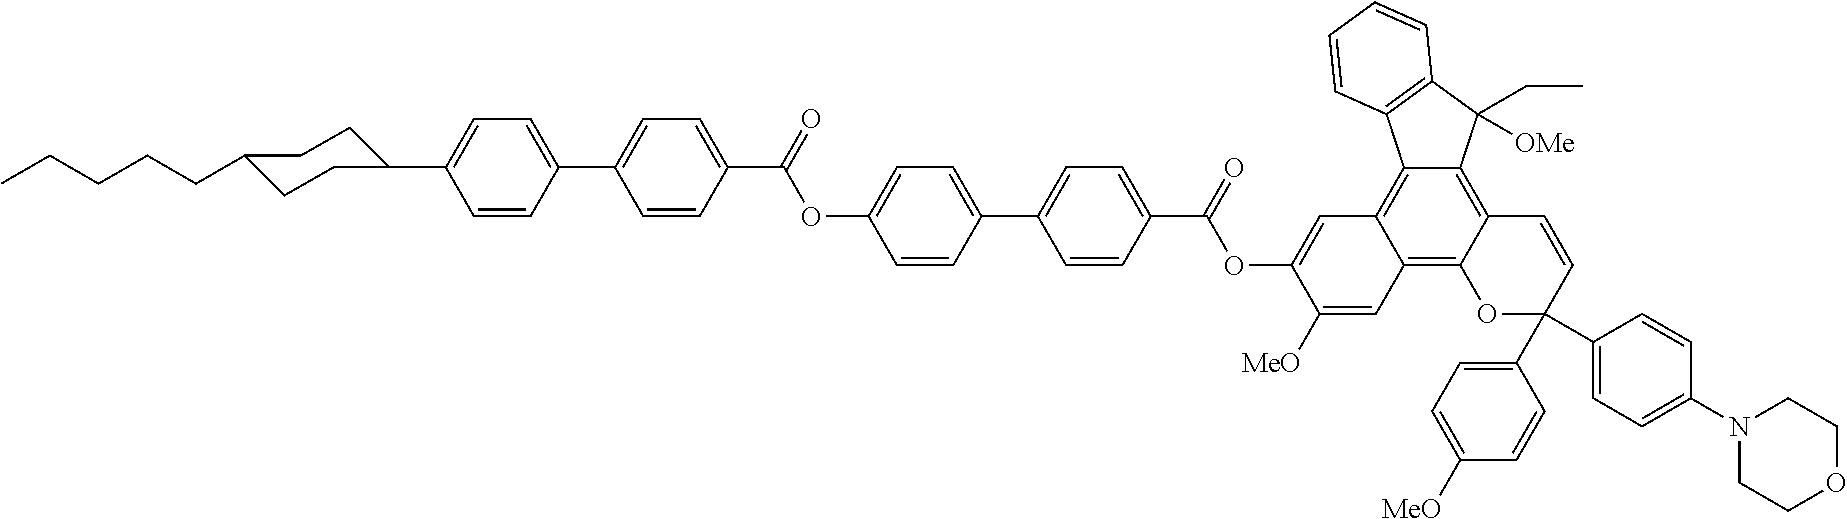 Figure US08518546-20130827-C00029